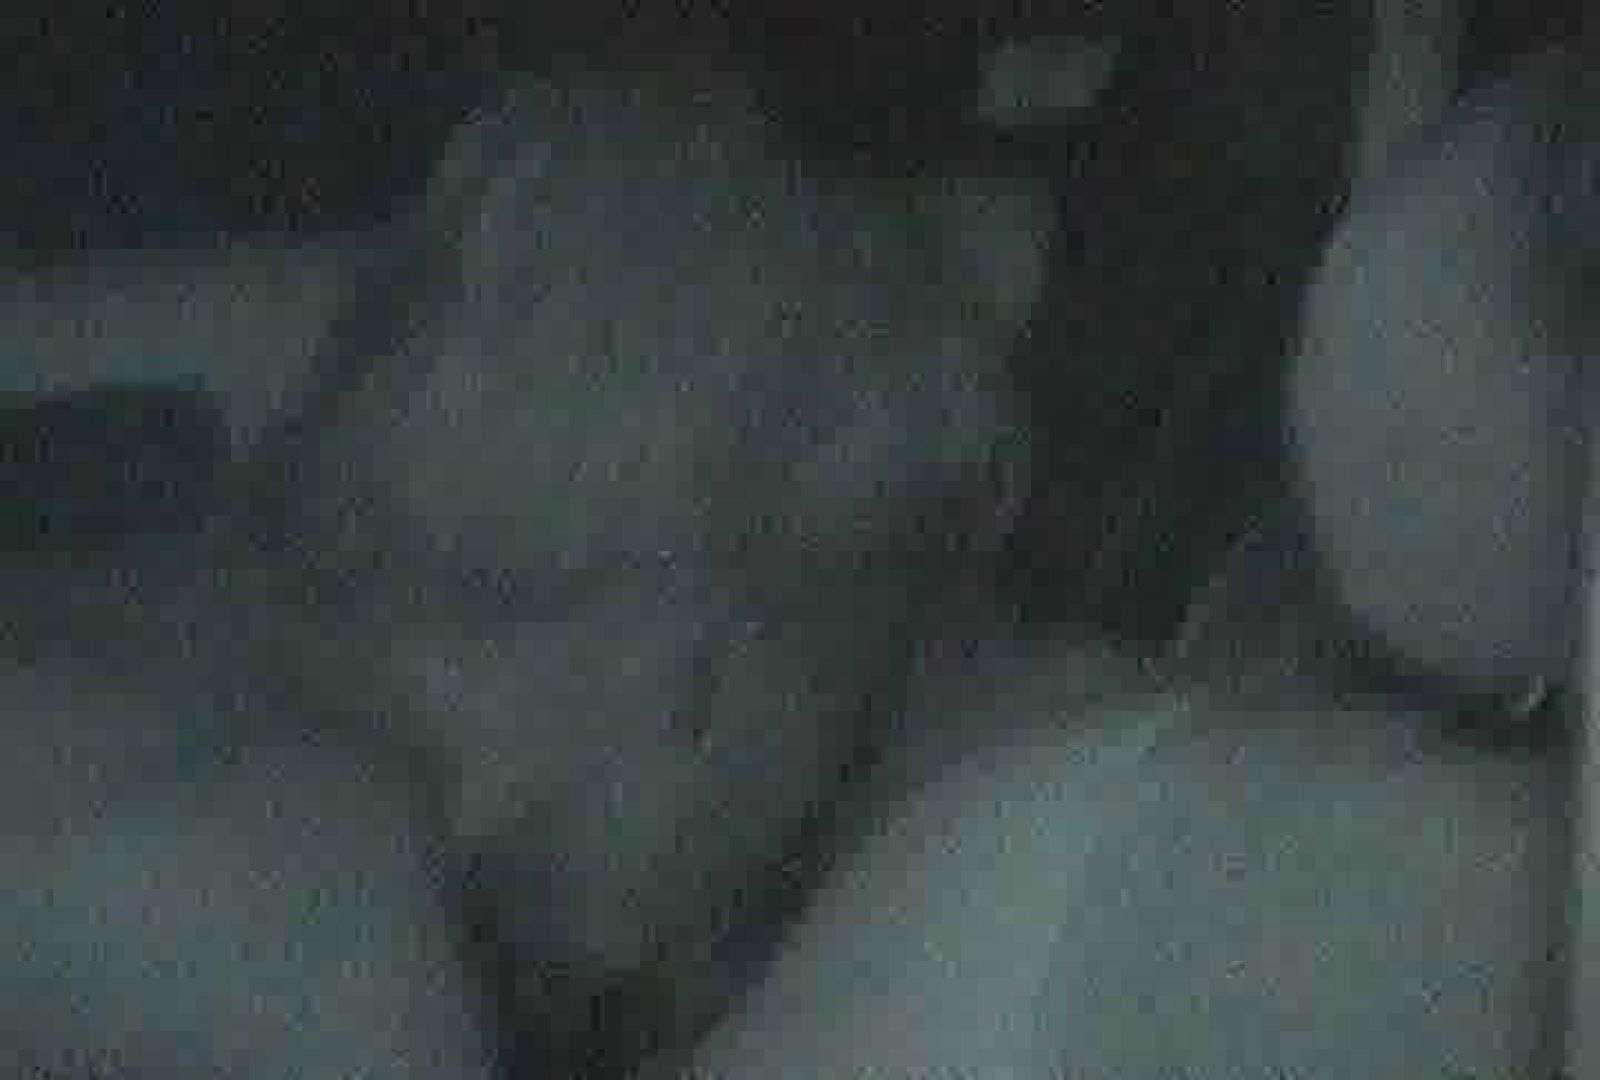 充血監督の深夜の運動会Vol.95 エロティックなOL   車の中のカップル  77画像 1